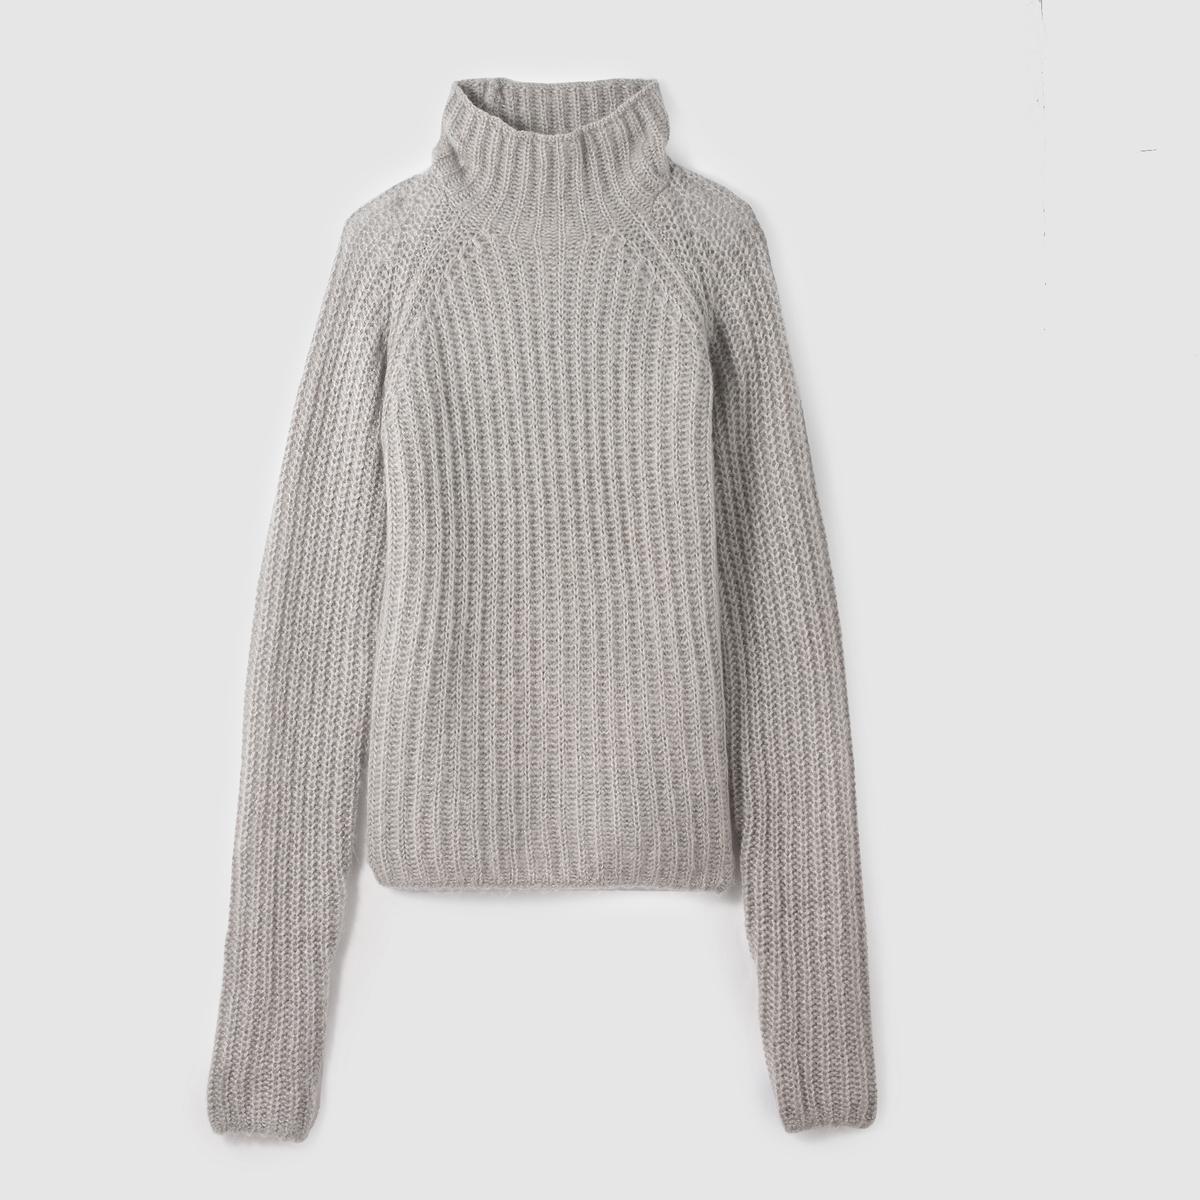 Пуловер с длинными рукавами HAZE KNITСостав и описание :Материал : 100% акрилМарка : CHEAP MONDAY.<br><br>Цвет: серый<br>Размер: L.M